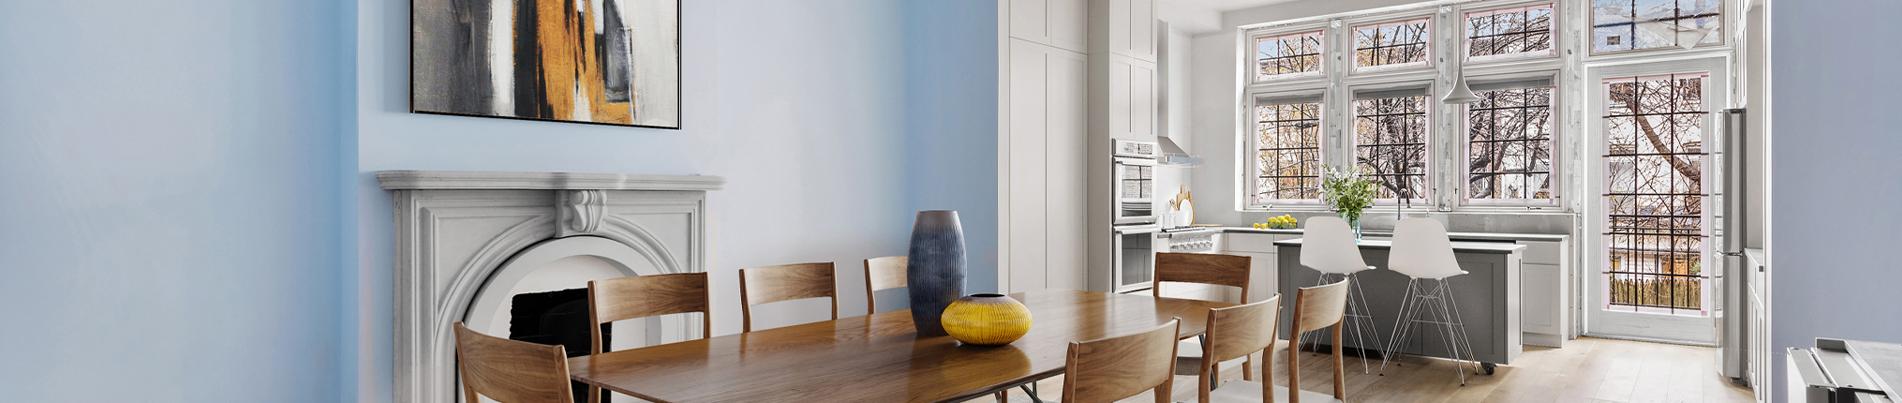 Corcho proyectado fachadas interiores